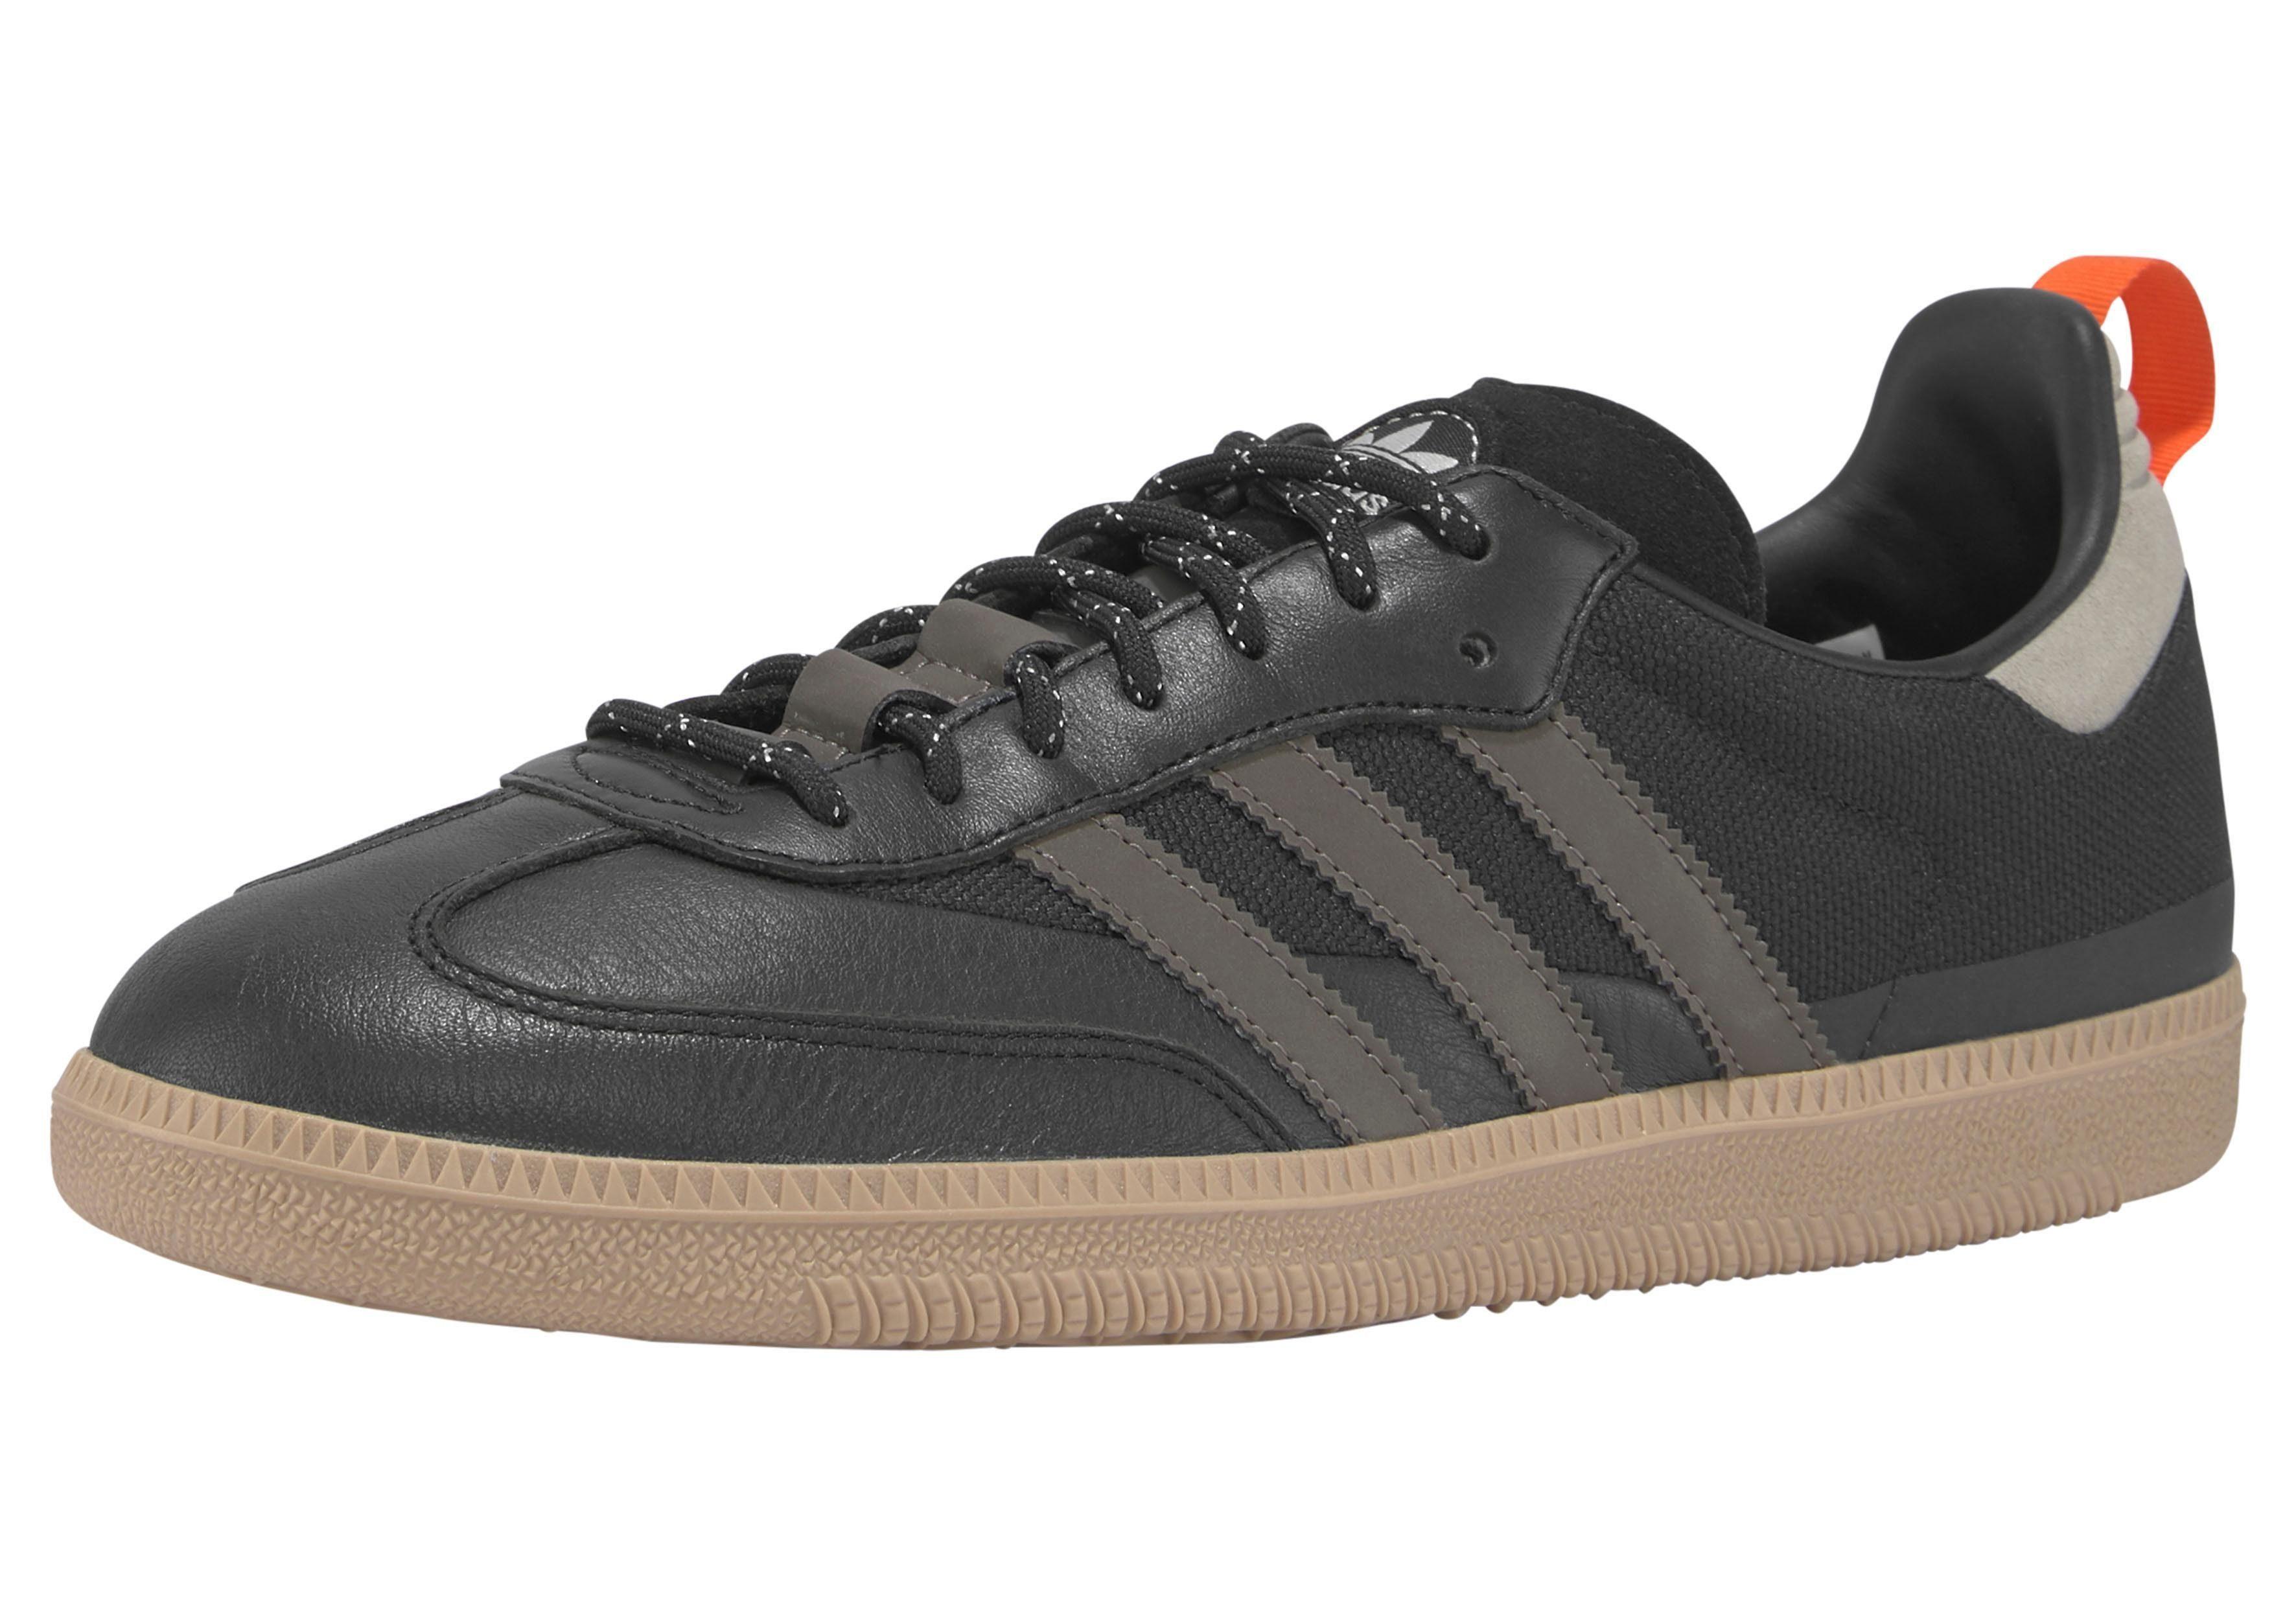 ADIDAS ORIGINAL SAMBA OG Herren Sneaker Gr. 45 Neu UVP: 99